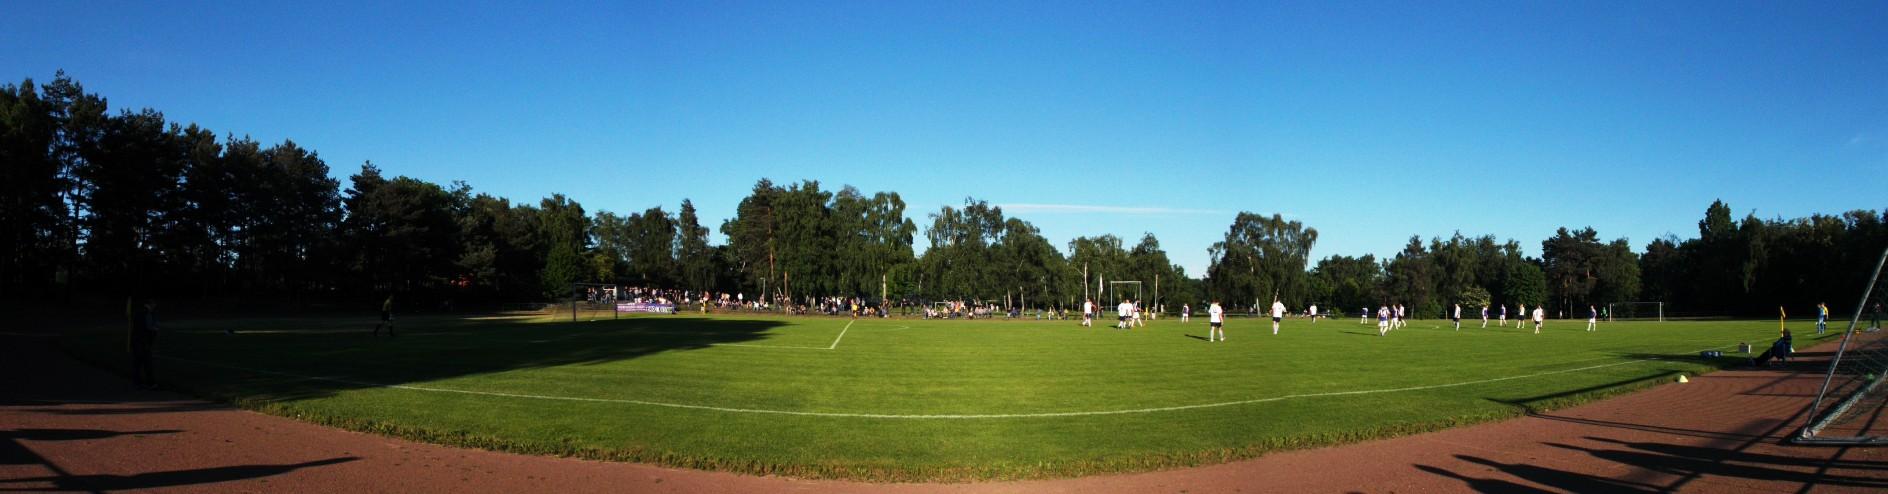 Julius-Hirsch-Sportanlage (C) Reisegruppe Fußballsport